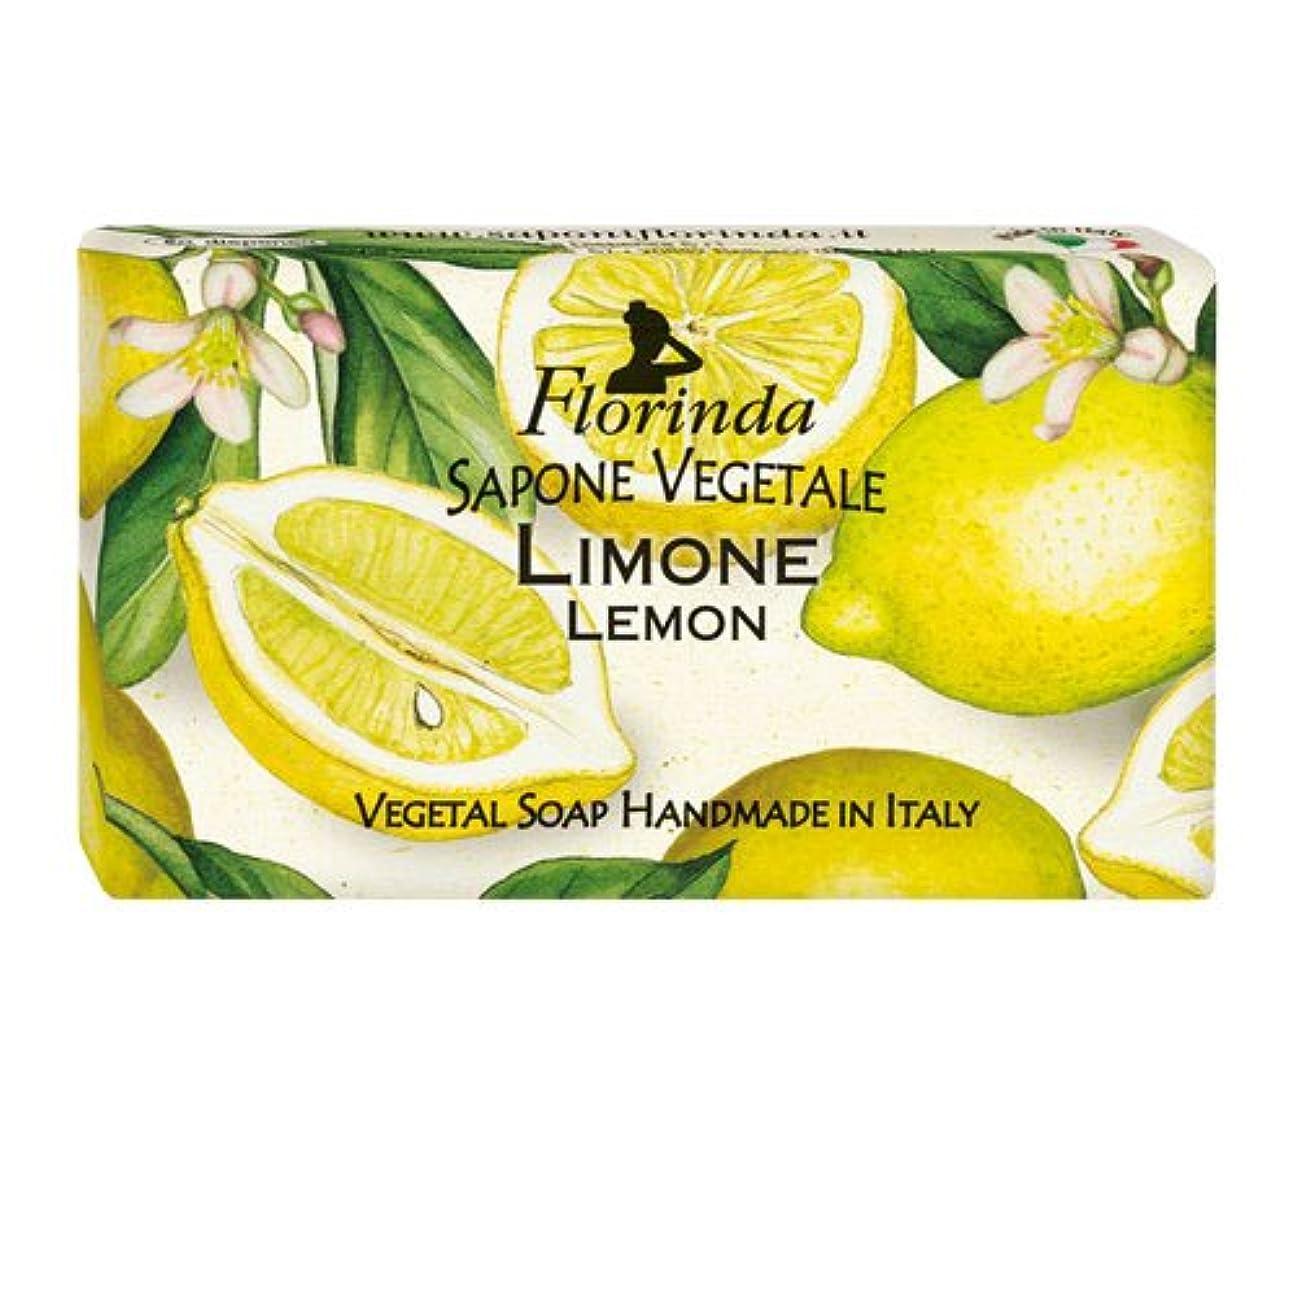 処分した授業料大使館フロリンダ フレグランスソープ フルーツ レモン 95g